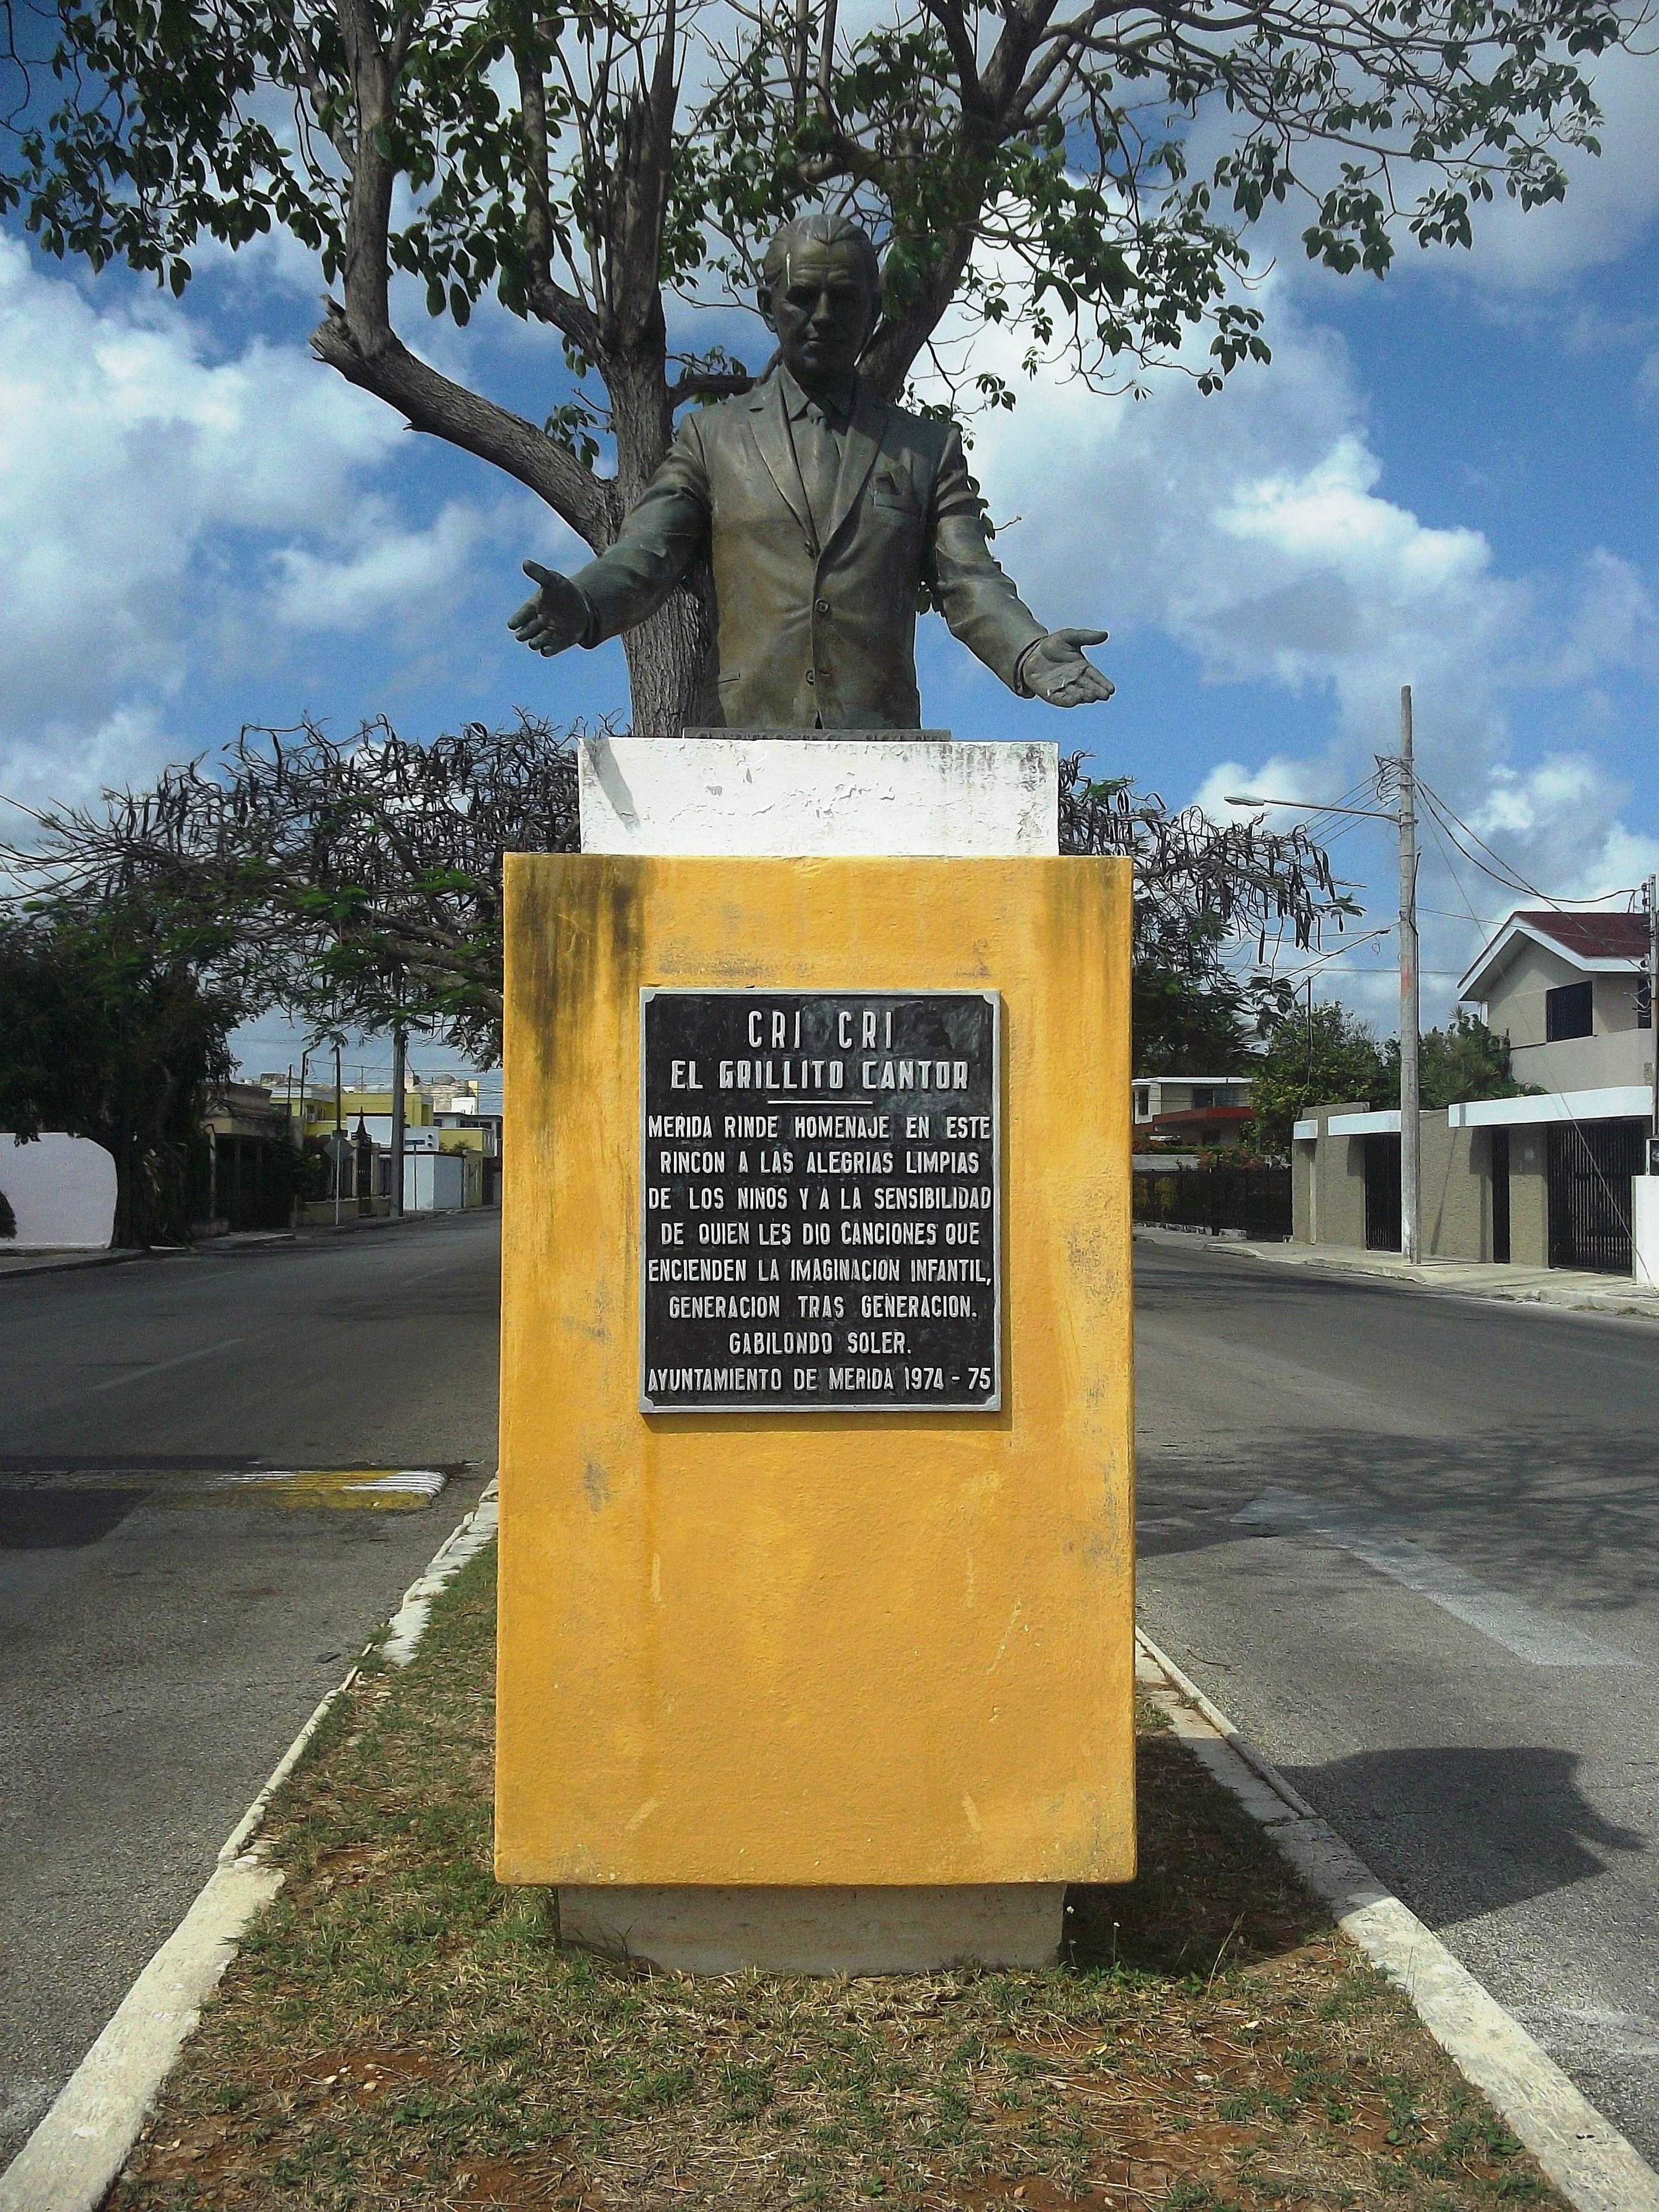 Monumento a Francisco Gabilondo Soler.